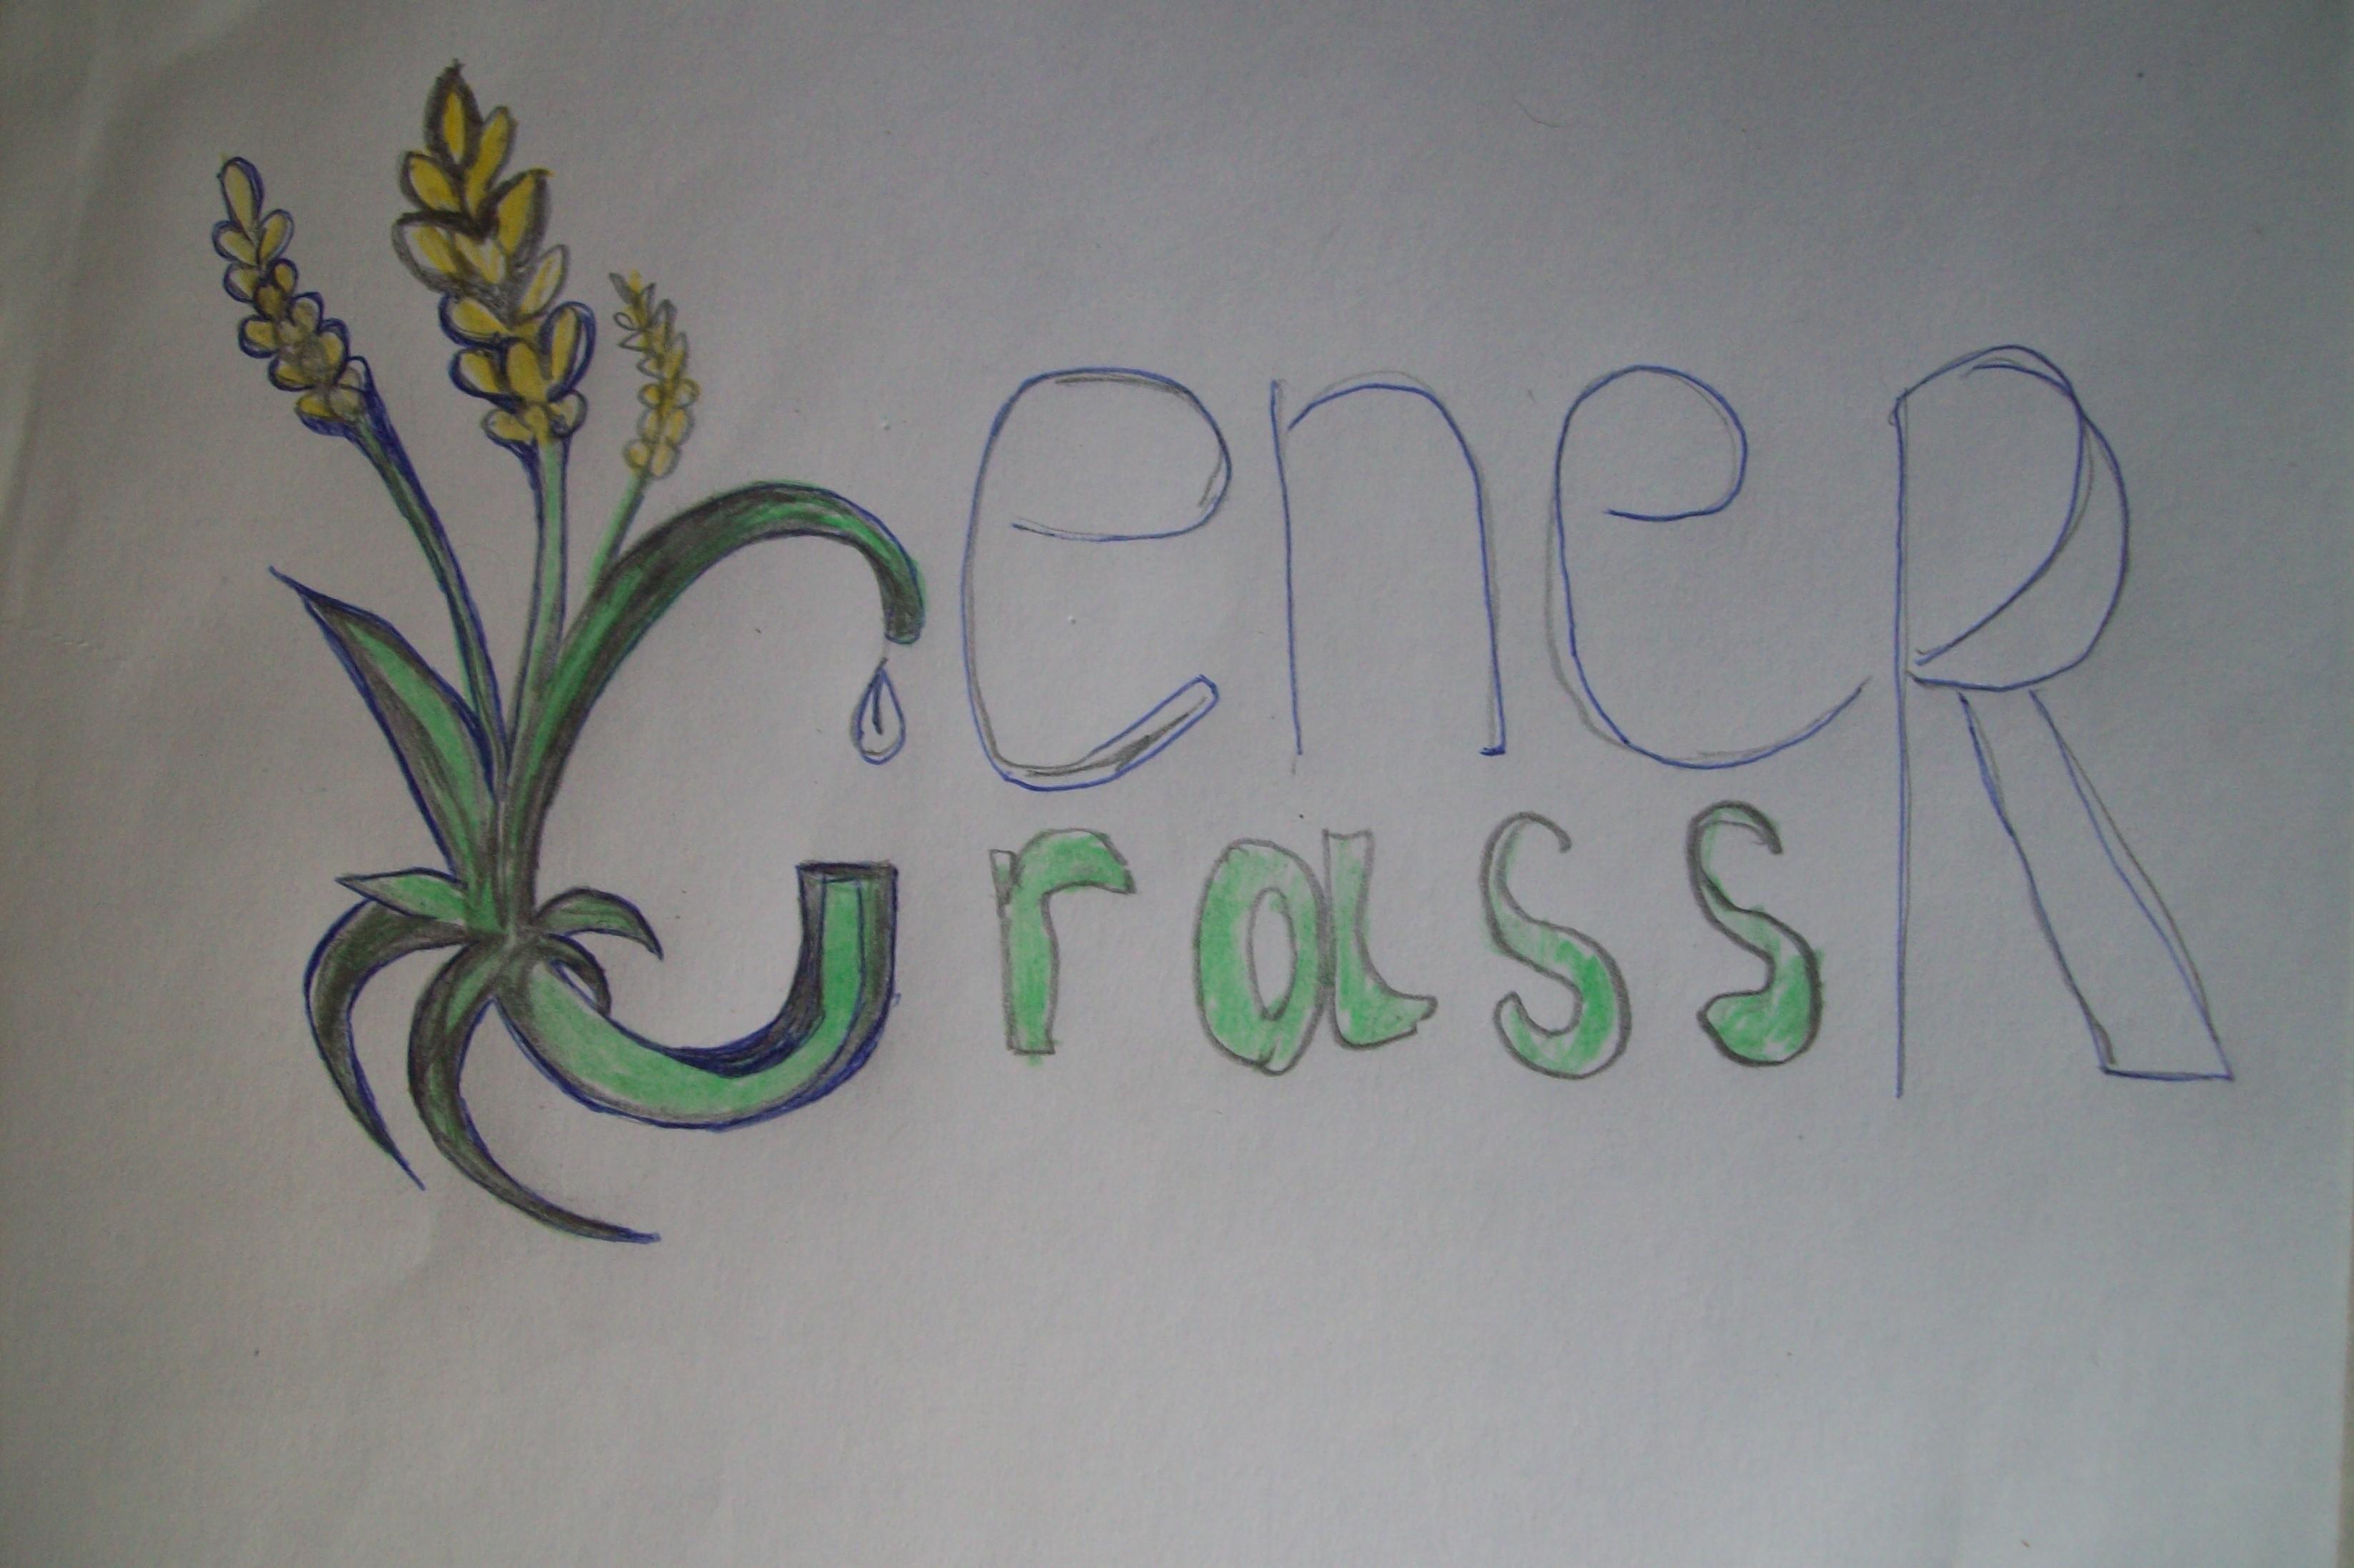 Графический дизайнер для создания логотипа Energrass. фото f_9065f85864a82c53.jpg